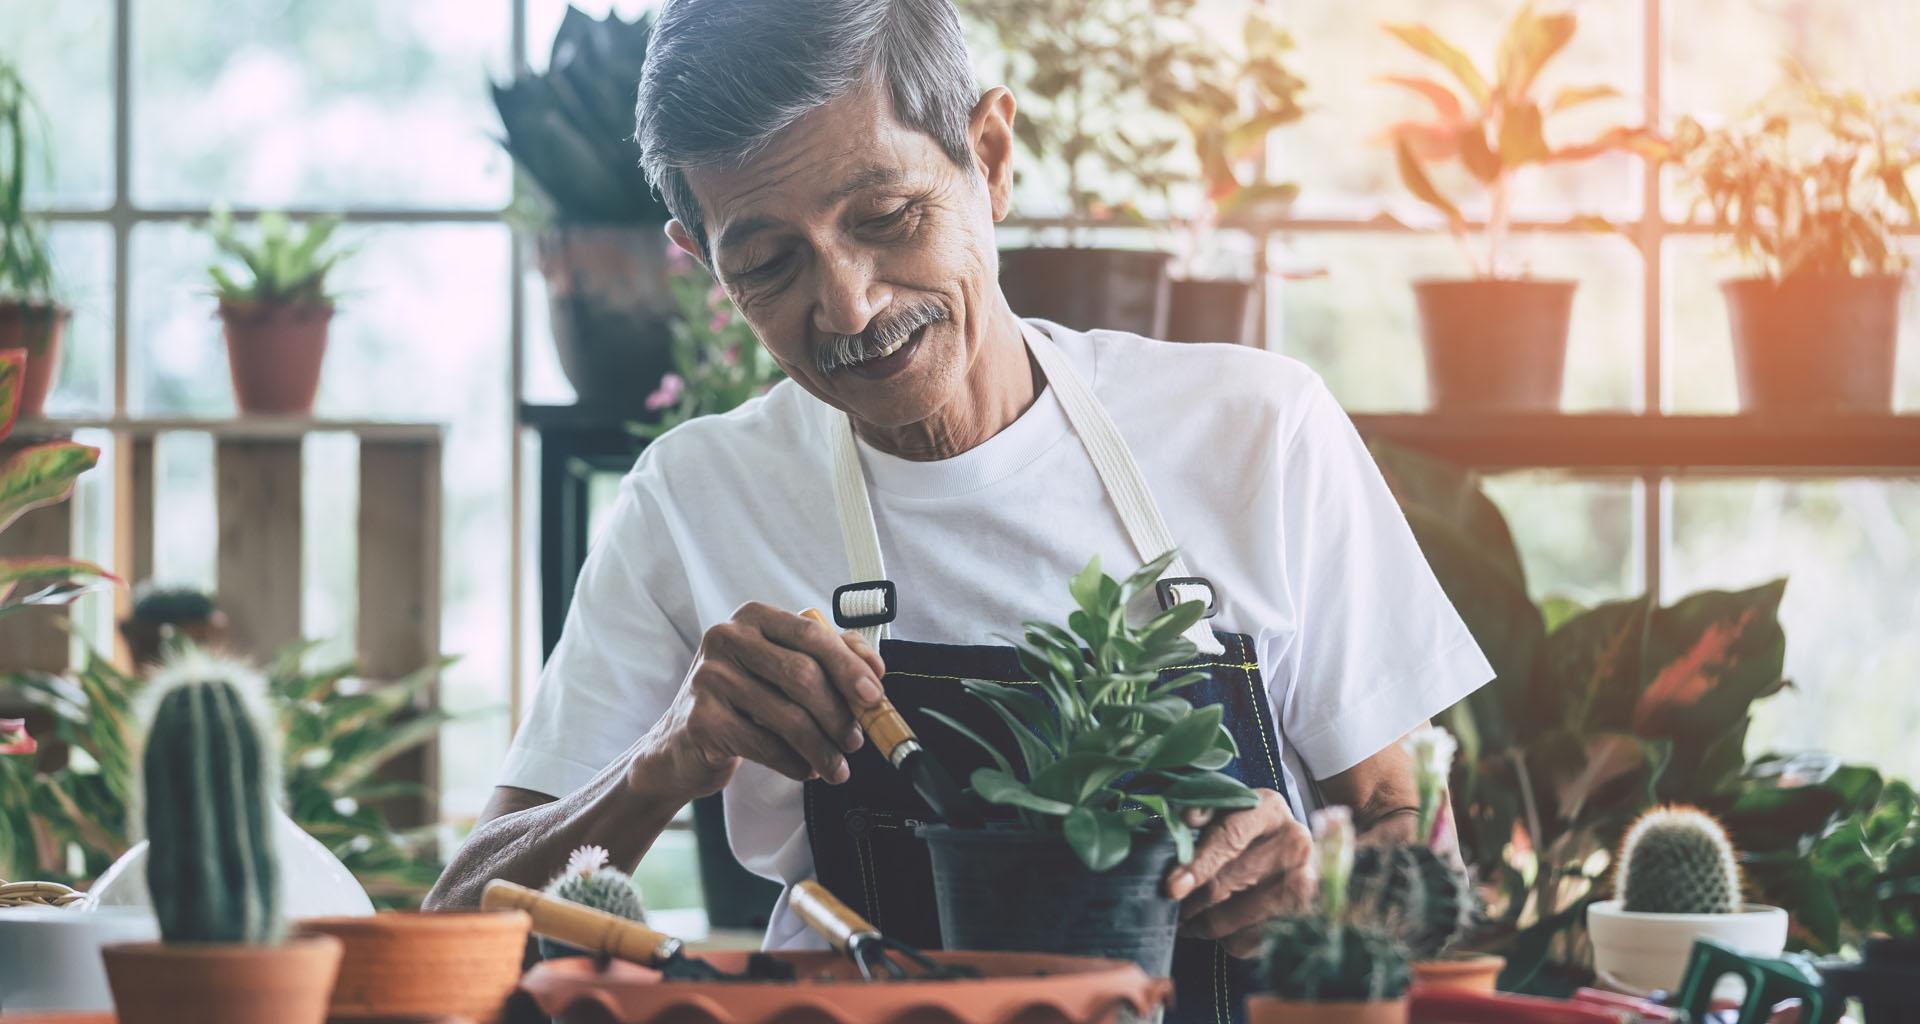 Elderly man gardening in green house